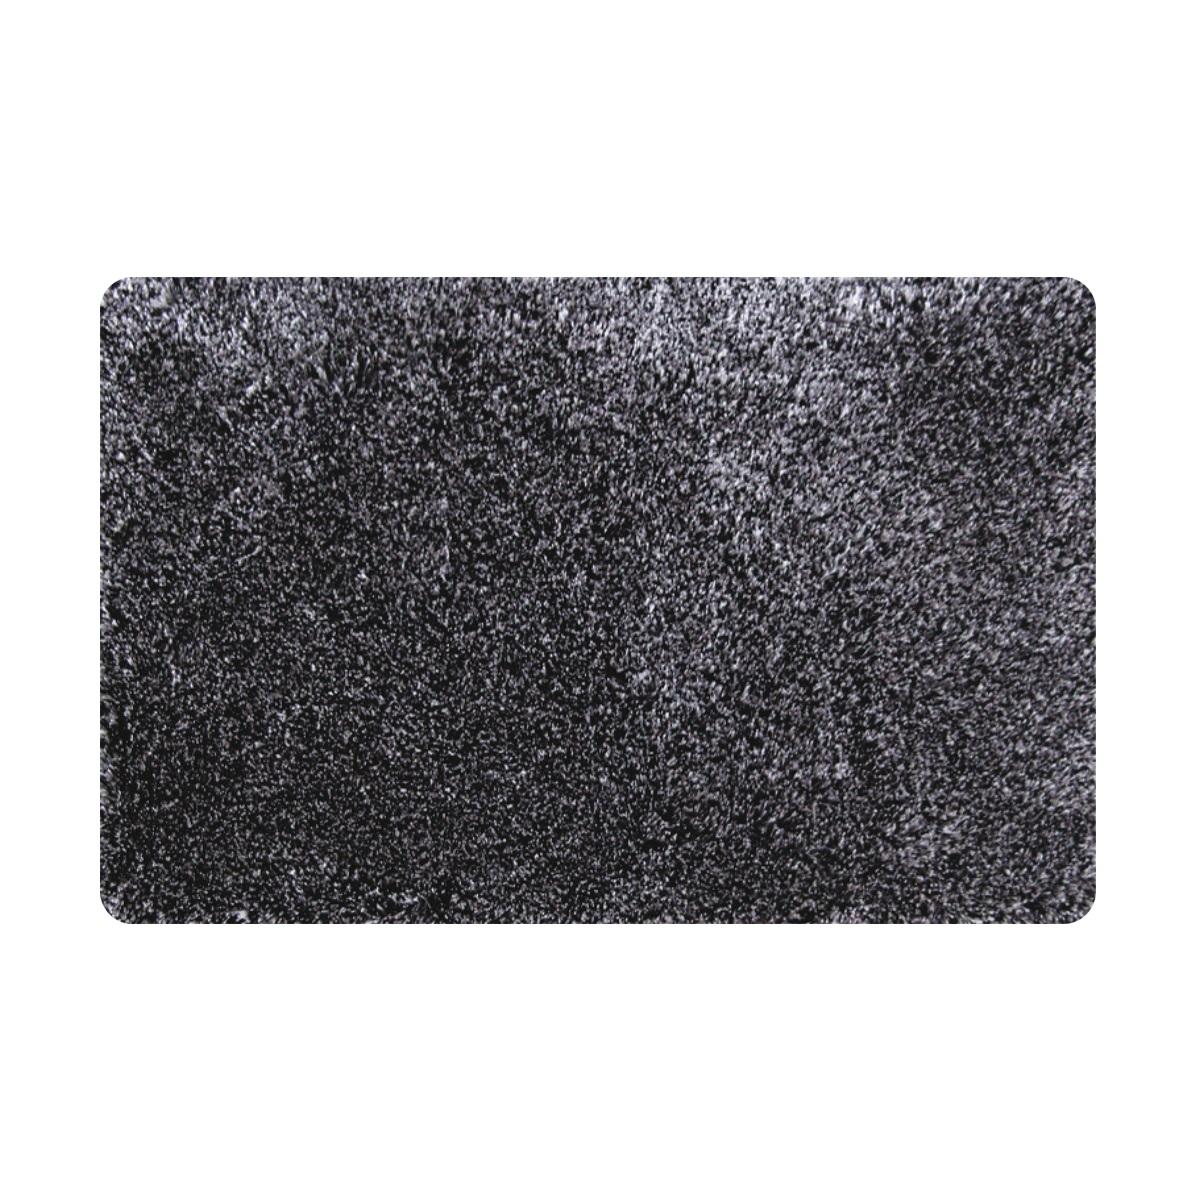 Коврик для ванной Iddis Grey grass, цвет: серый, 70 х 120 смMID246MКоврик для ванной комнаты Iddis выполнен из 100% полиэстера. Коврик имеет специальную латексную основу, благодаря которой он не скользит на напольных покрытиях в ванной, что обеспечивает безопасность во время использования. Коврик изготавливается по специальным технологиям машинного ручного тафтинга, что гарантирует высокое качество и долговечность.Высота ворса: 2,5 см.